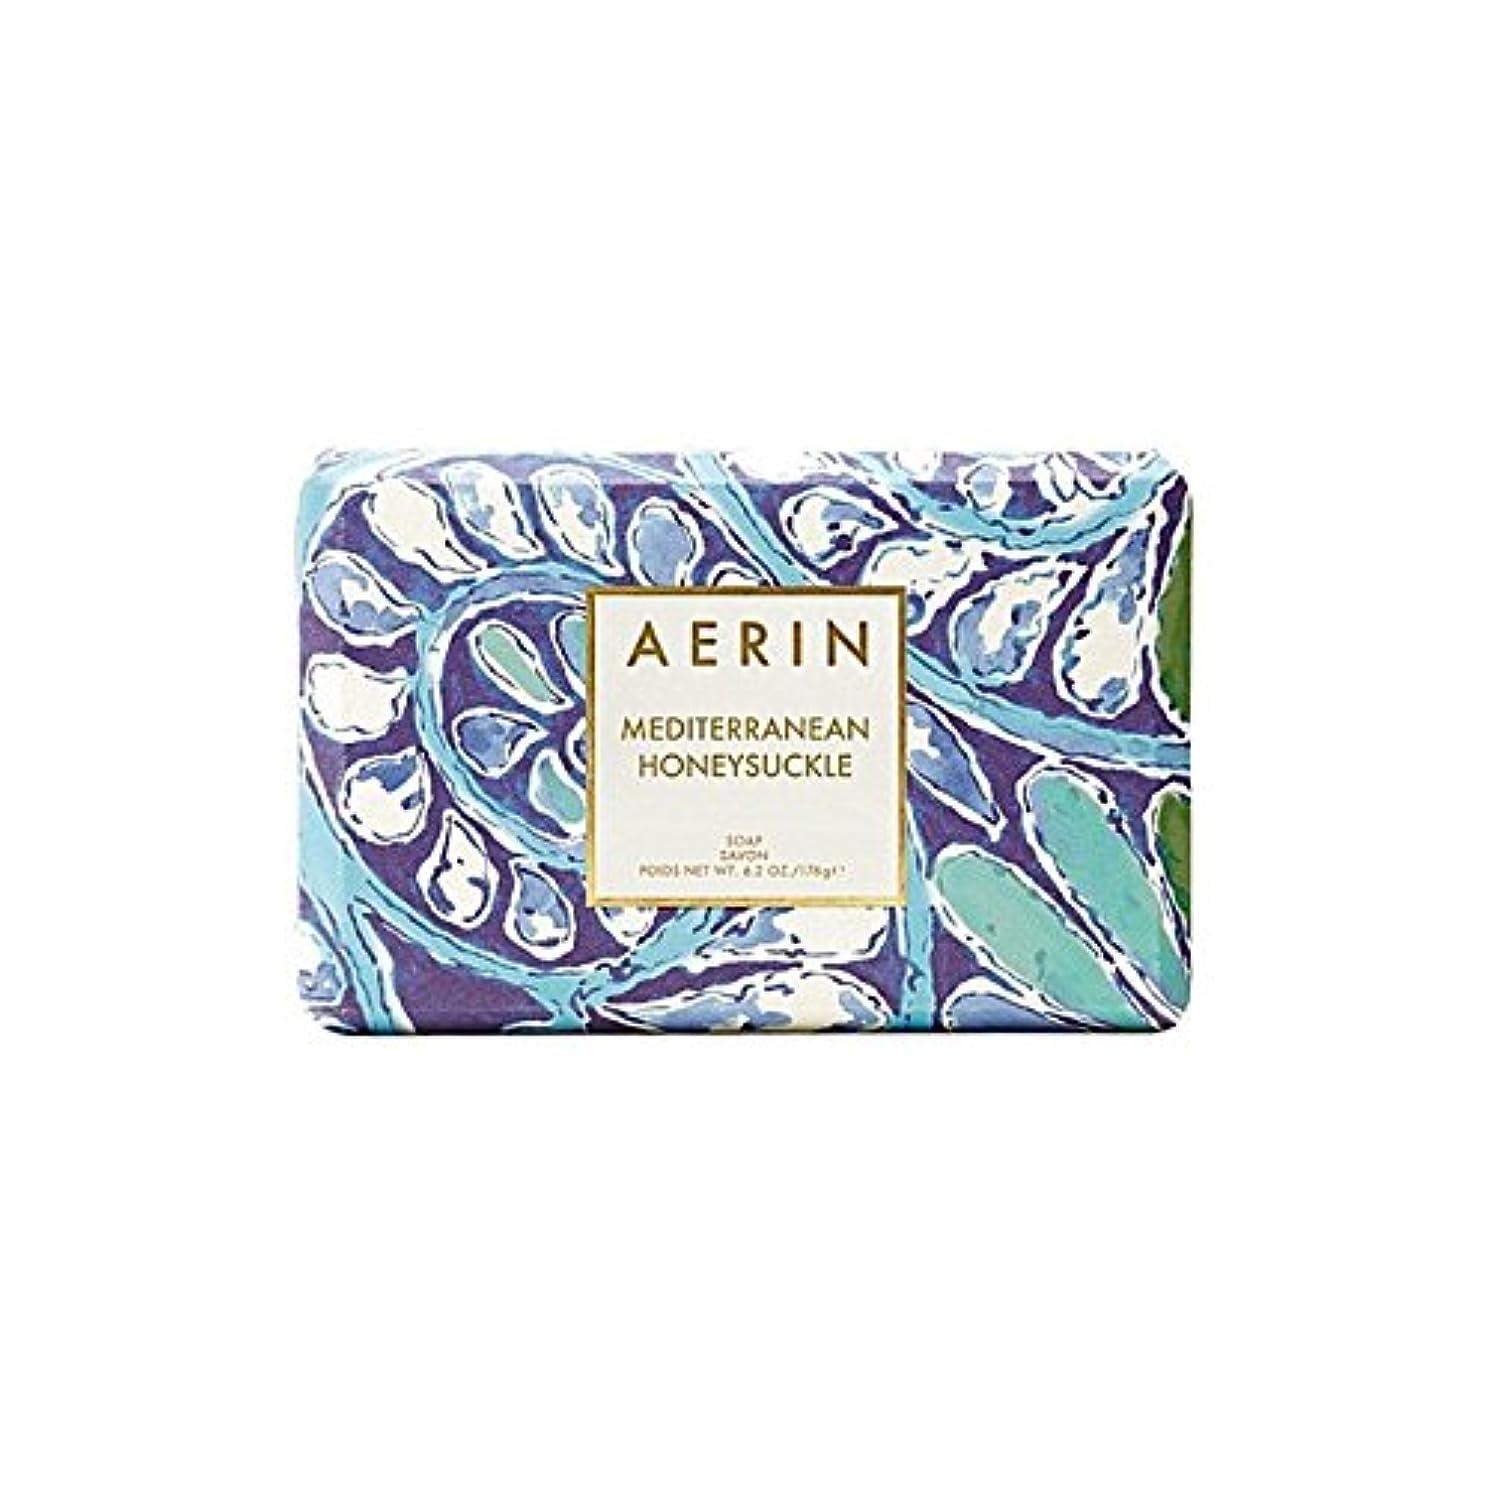 施設比喩森スイカズラ固形石鹸176グラム x4 - Aerin Mediterrenean Honeysuckle Bar Soap 176G (Pack of 4) [並行輸入品]